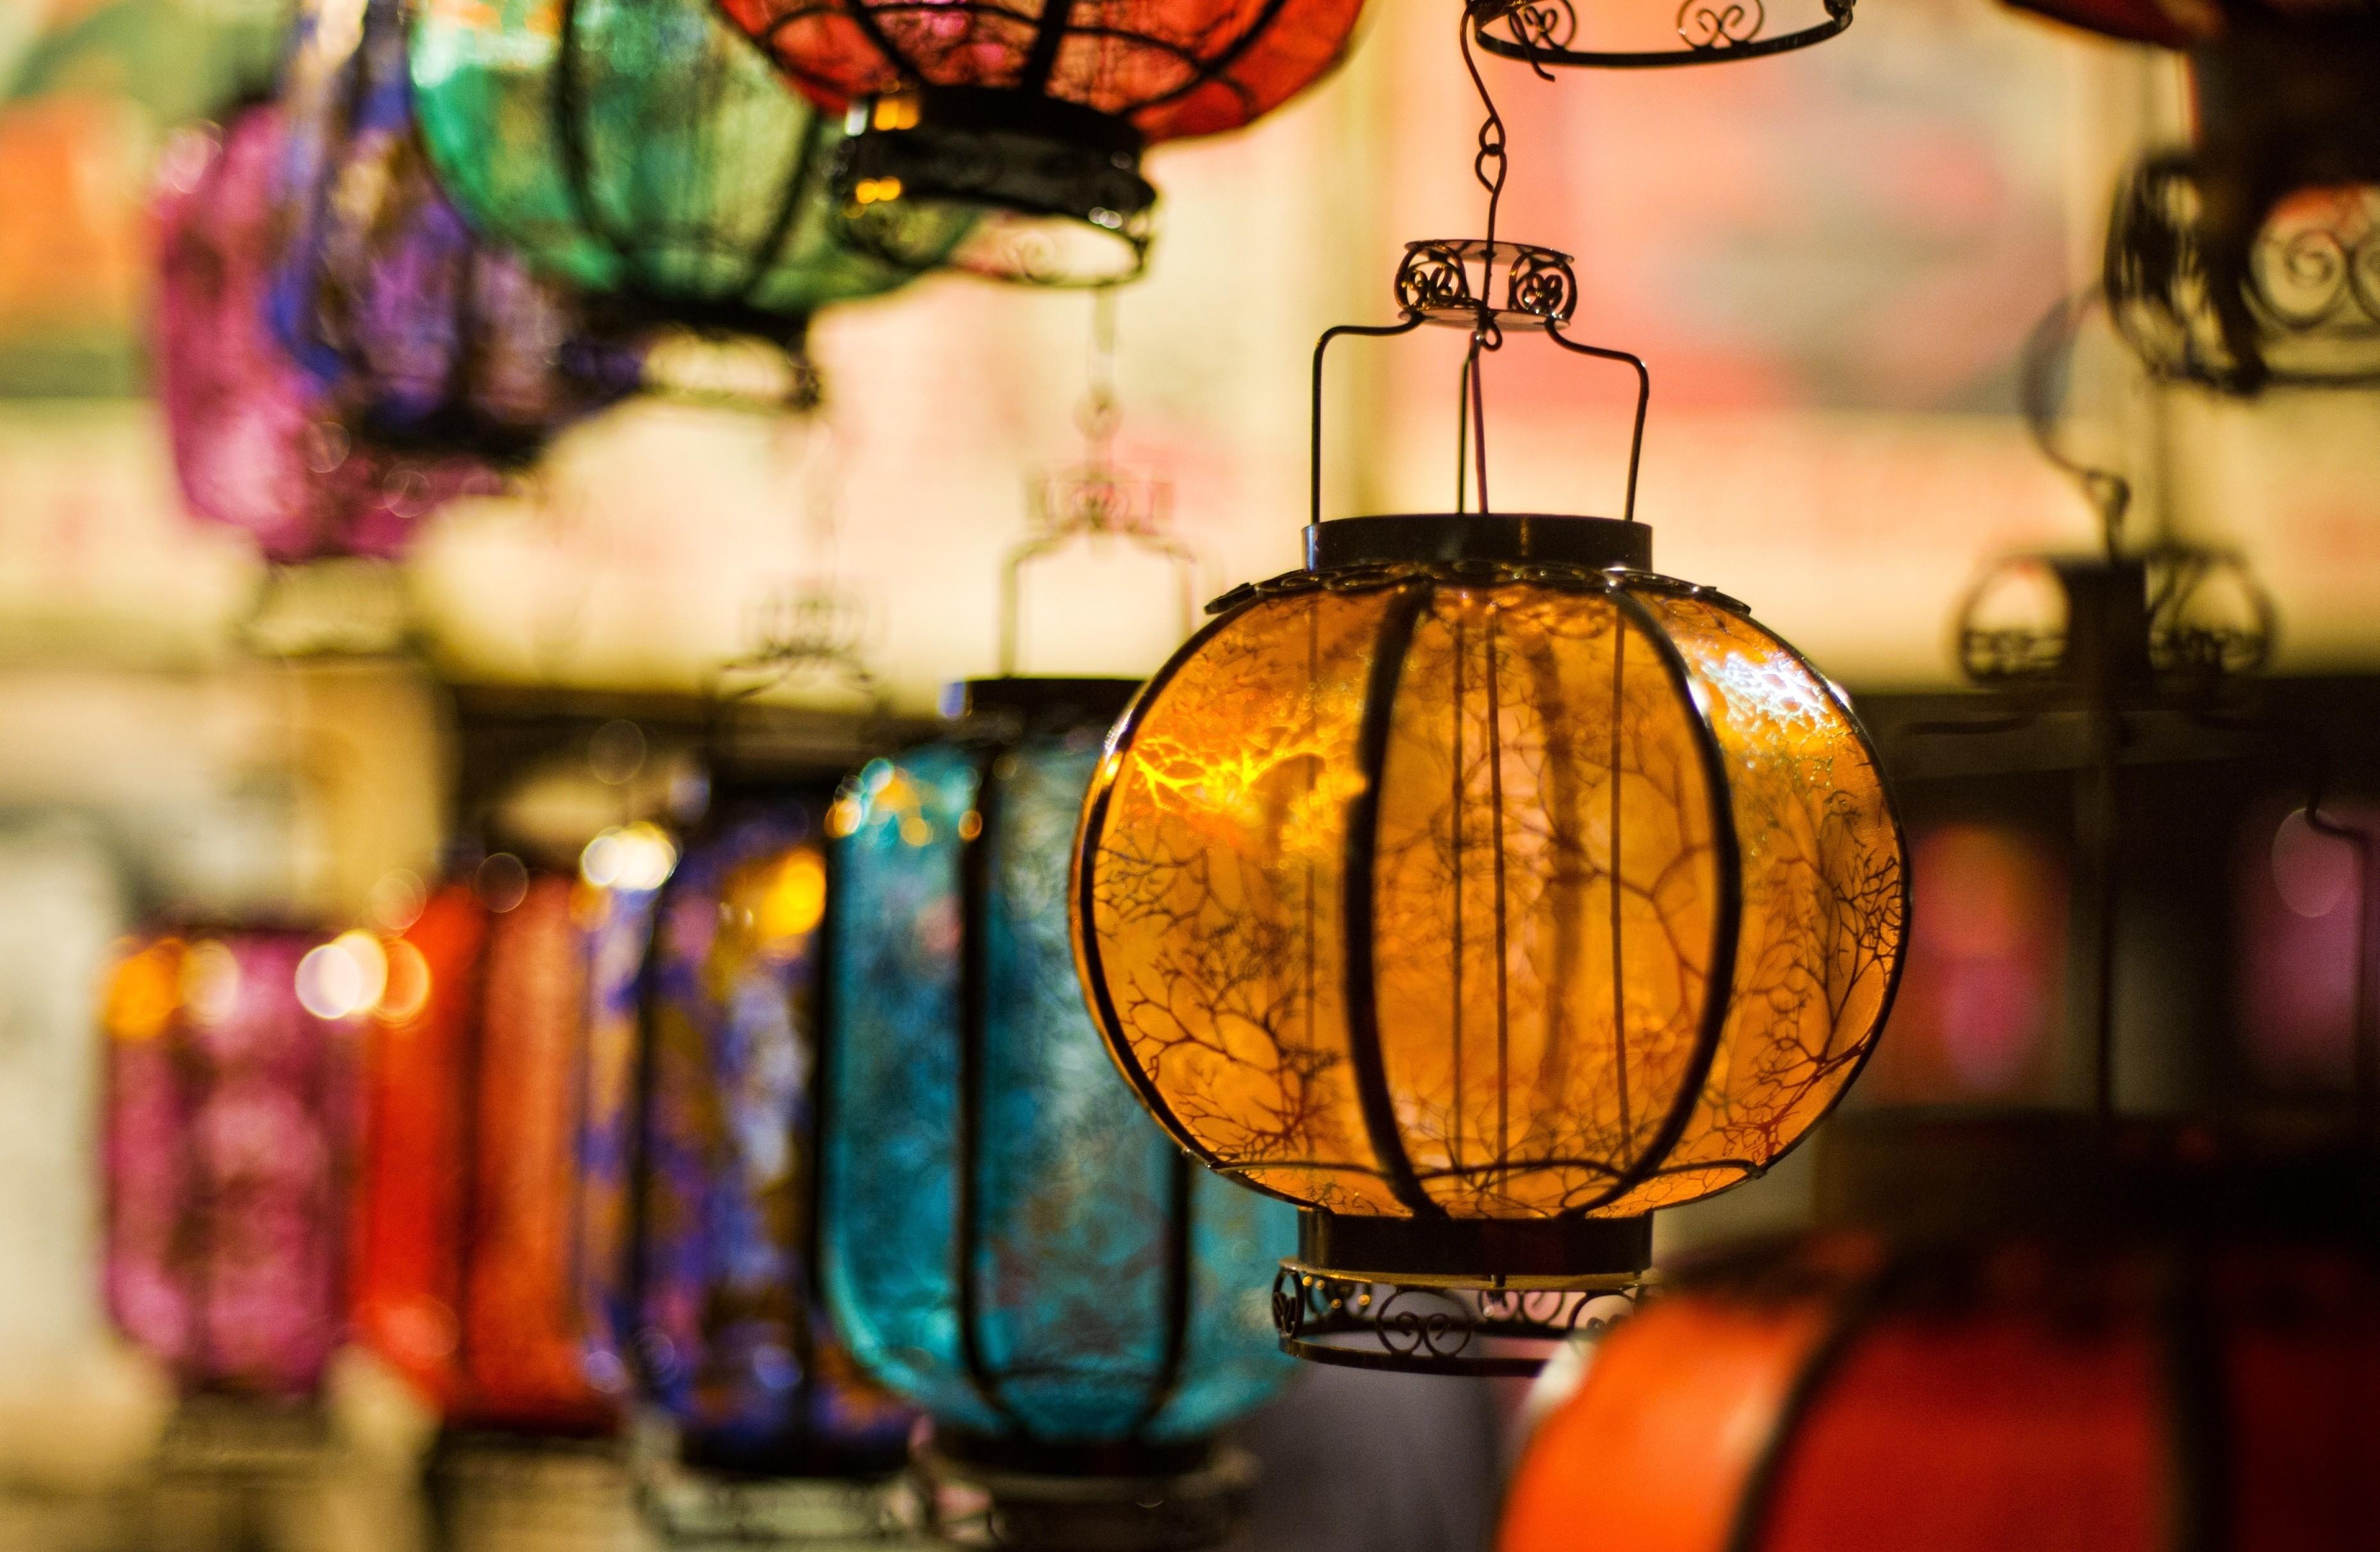 Man Made   Lantern Wallpaper 3717x2424